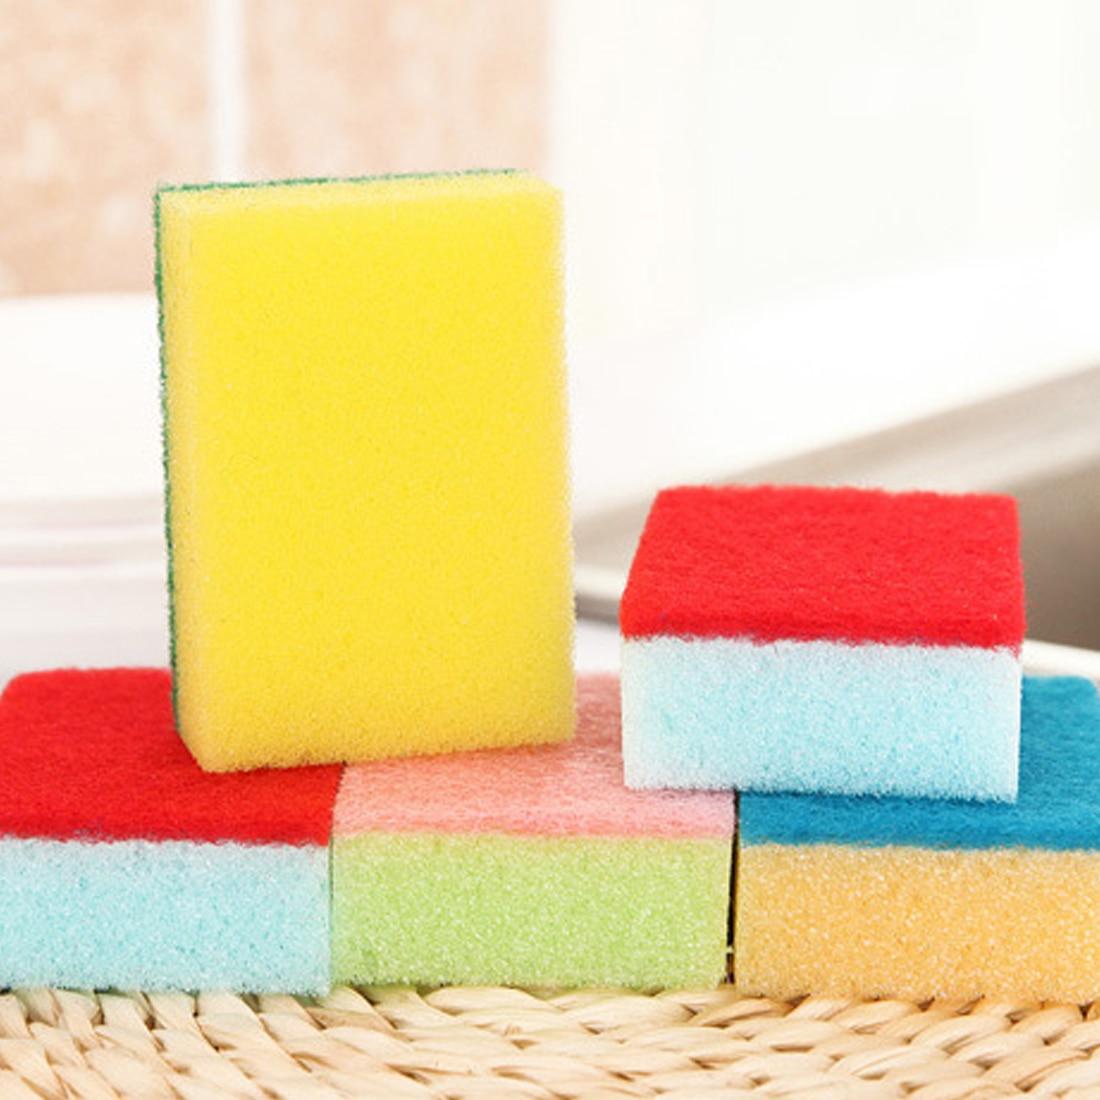 Приветствовал нано губки magic eraser для удаления ржавчины уборка хлопка наждачной губкой Кухня поставки удаления накипи чистке руб горшок